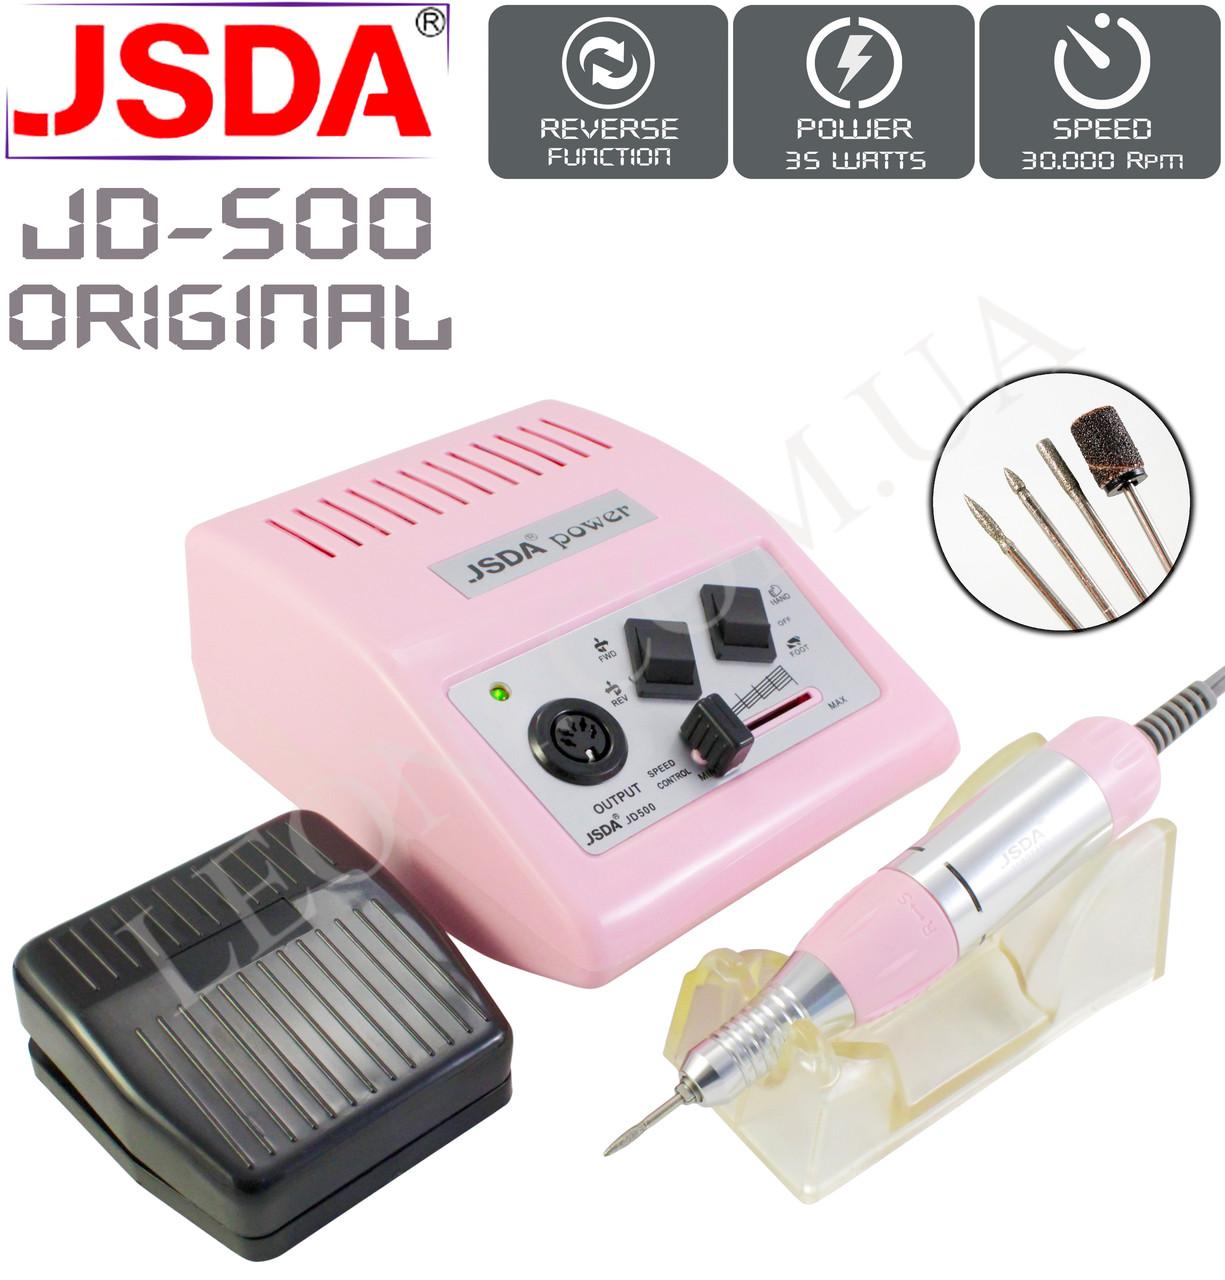 Фрезер для маникюра и педикюра JSDA JD-500 Оригинал 35W/30000 об/мин.